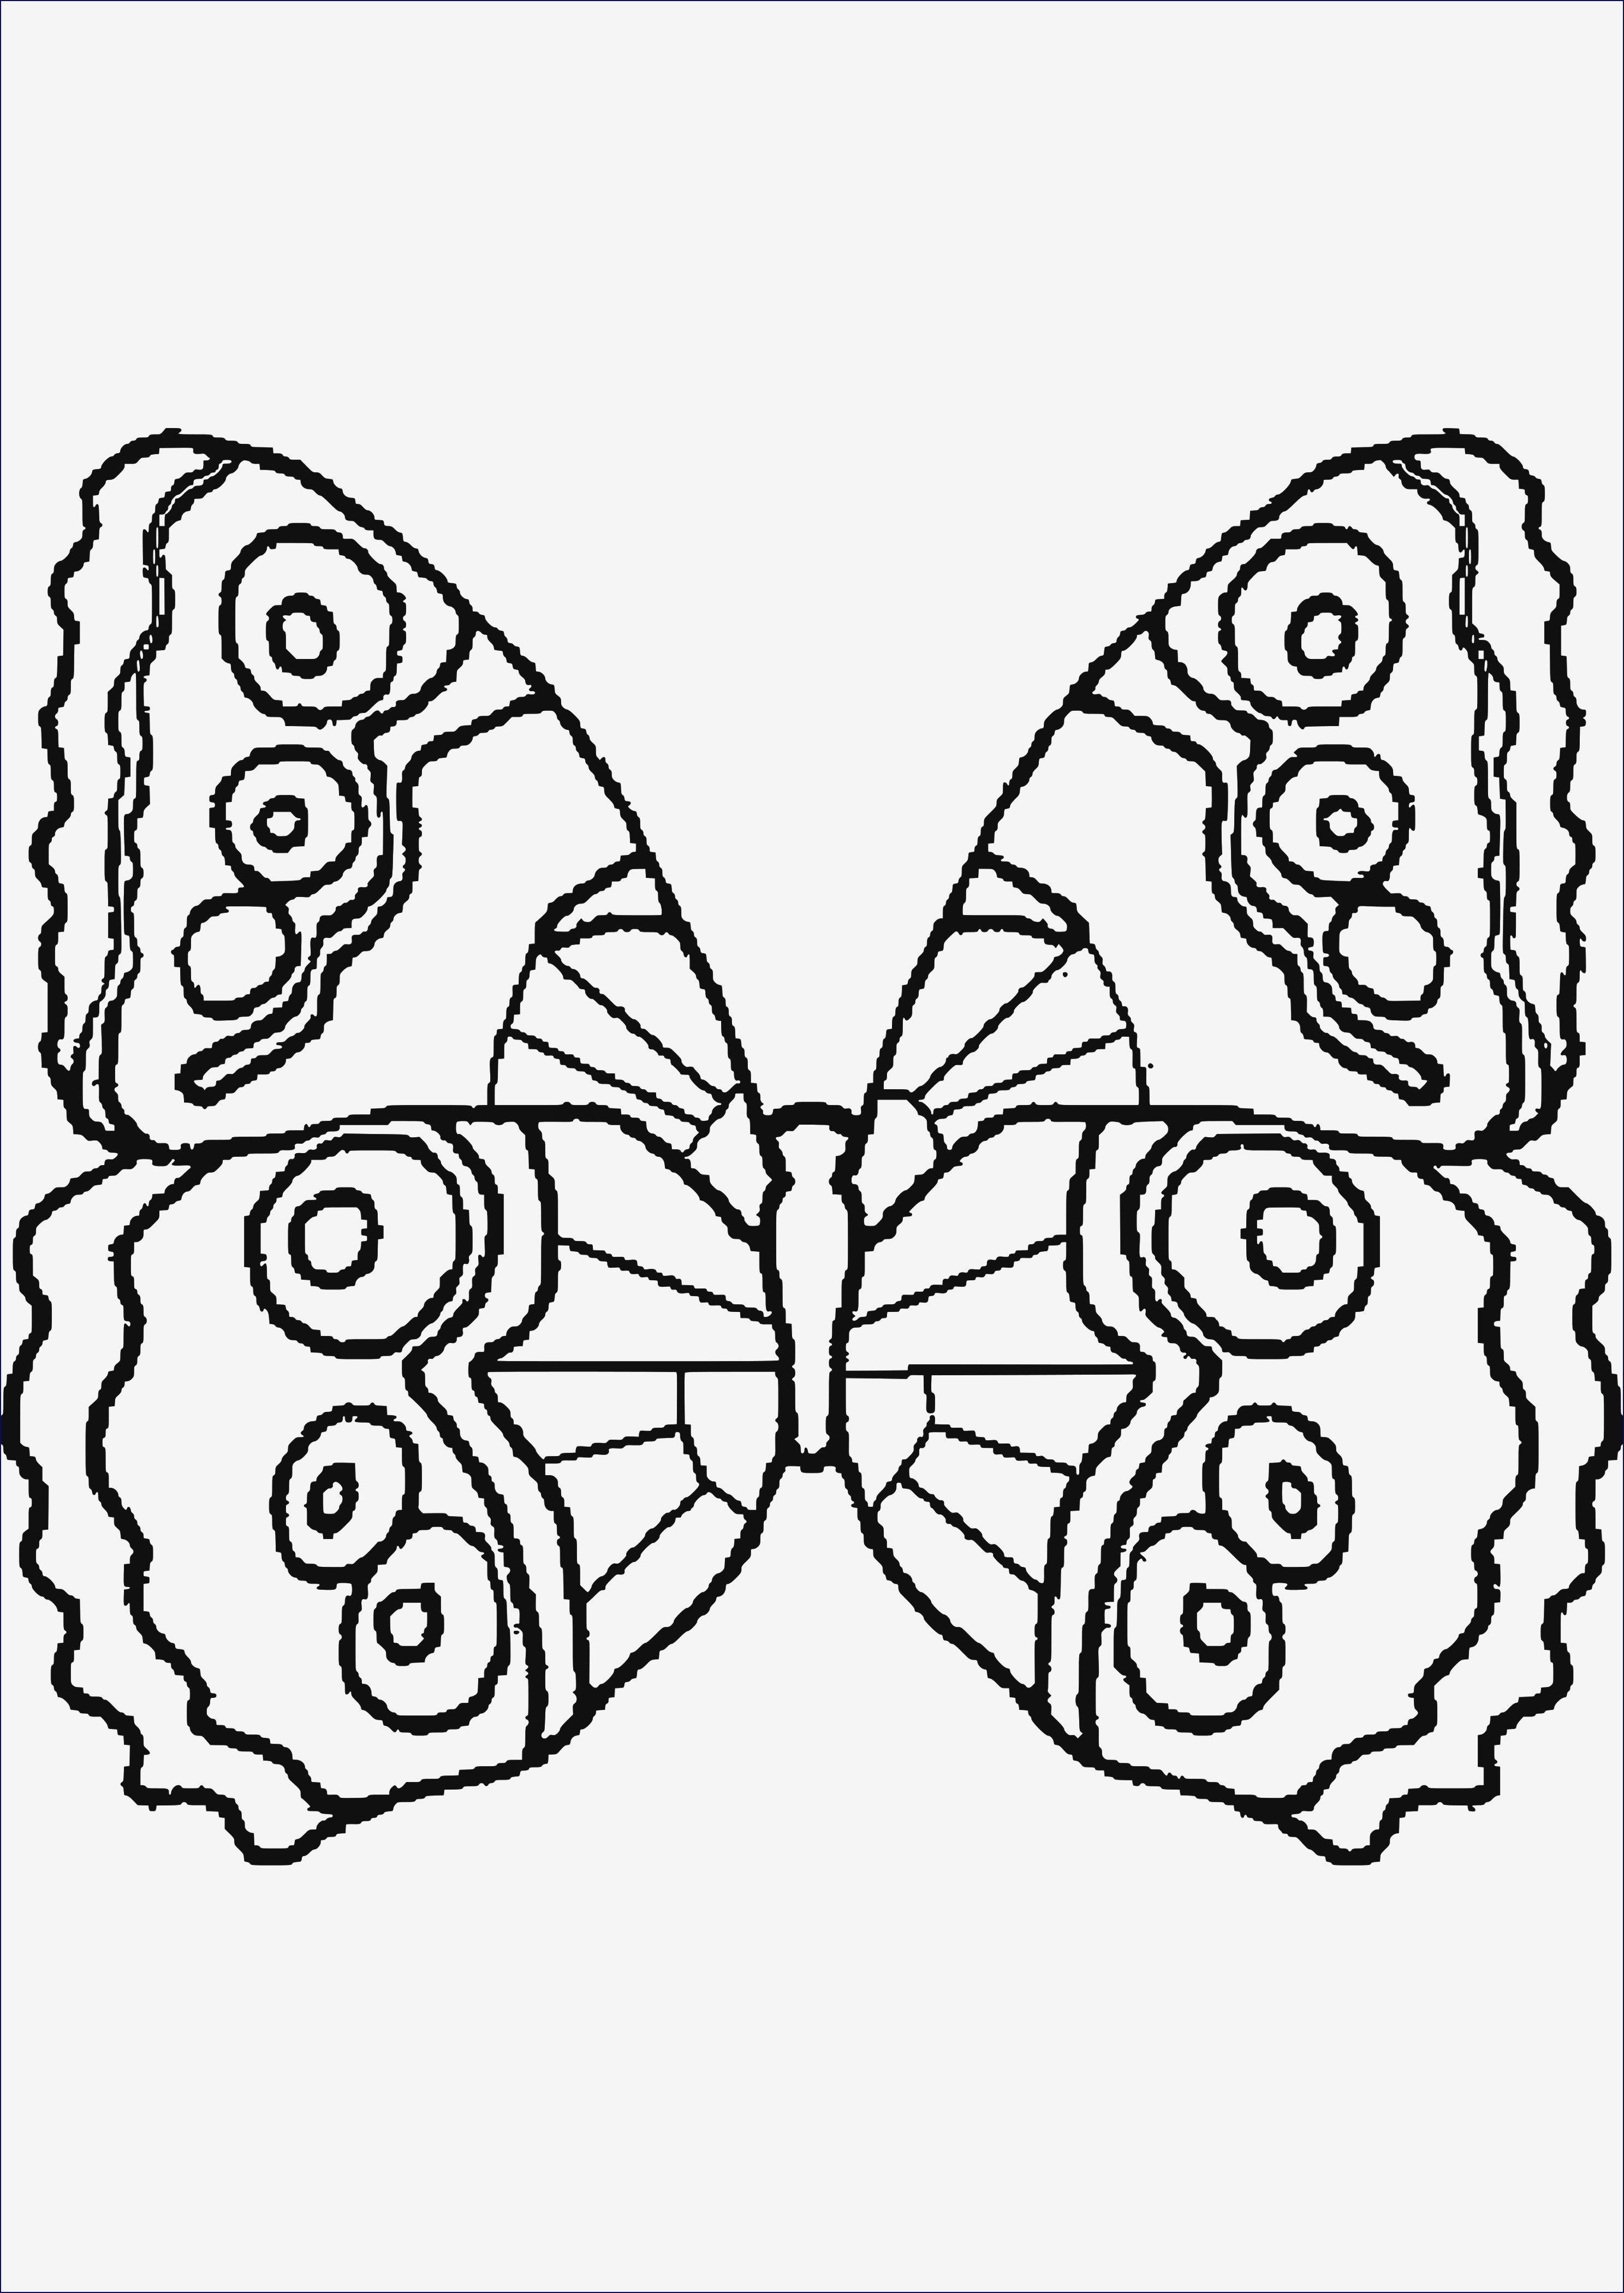 Schmetterling Bilder Zum Ausmalen Inspirierend Lernspiele Färbung Bilder Ausmalbilder Ostern Kostenlos Genial Bild